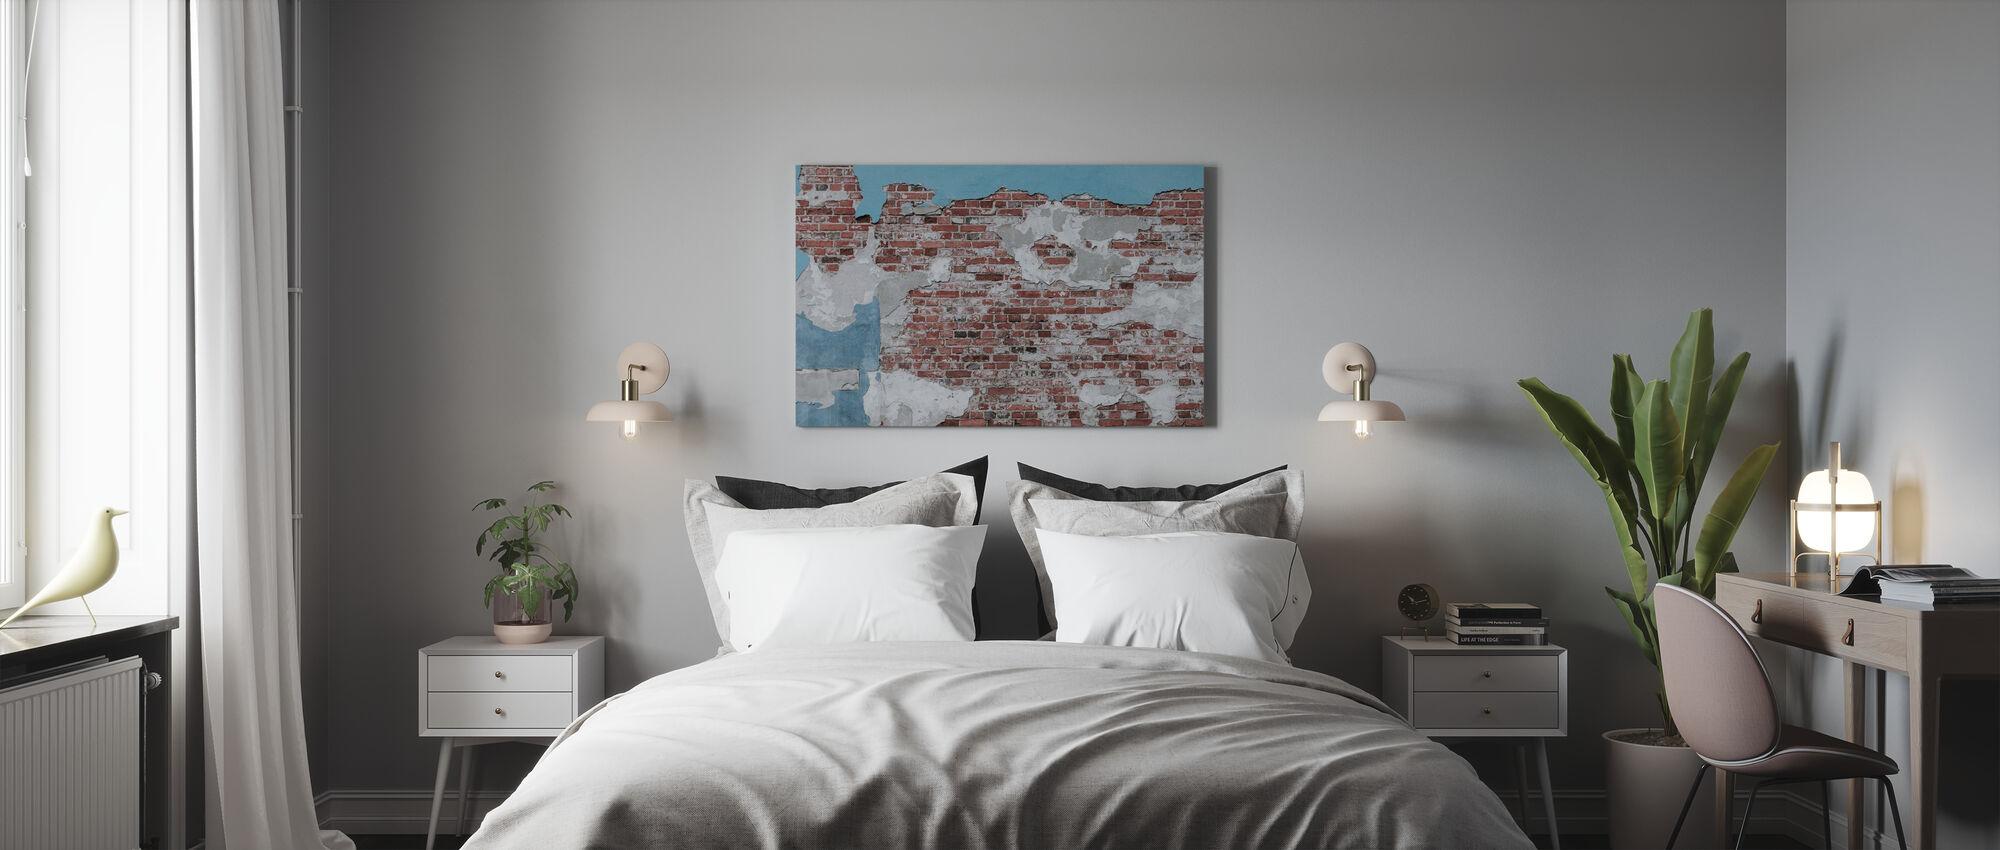 Slidte væg - Billede på lærred - Soveværelse